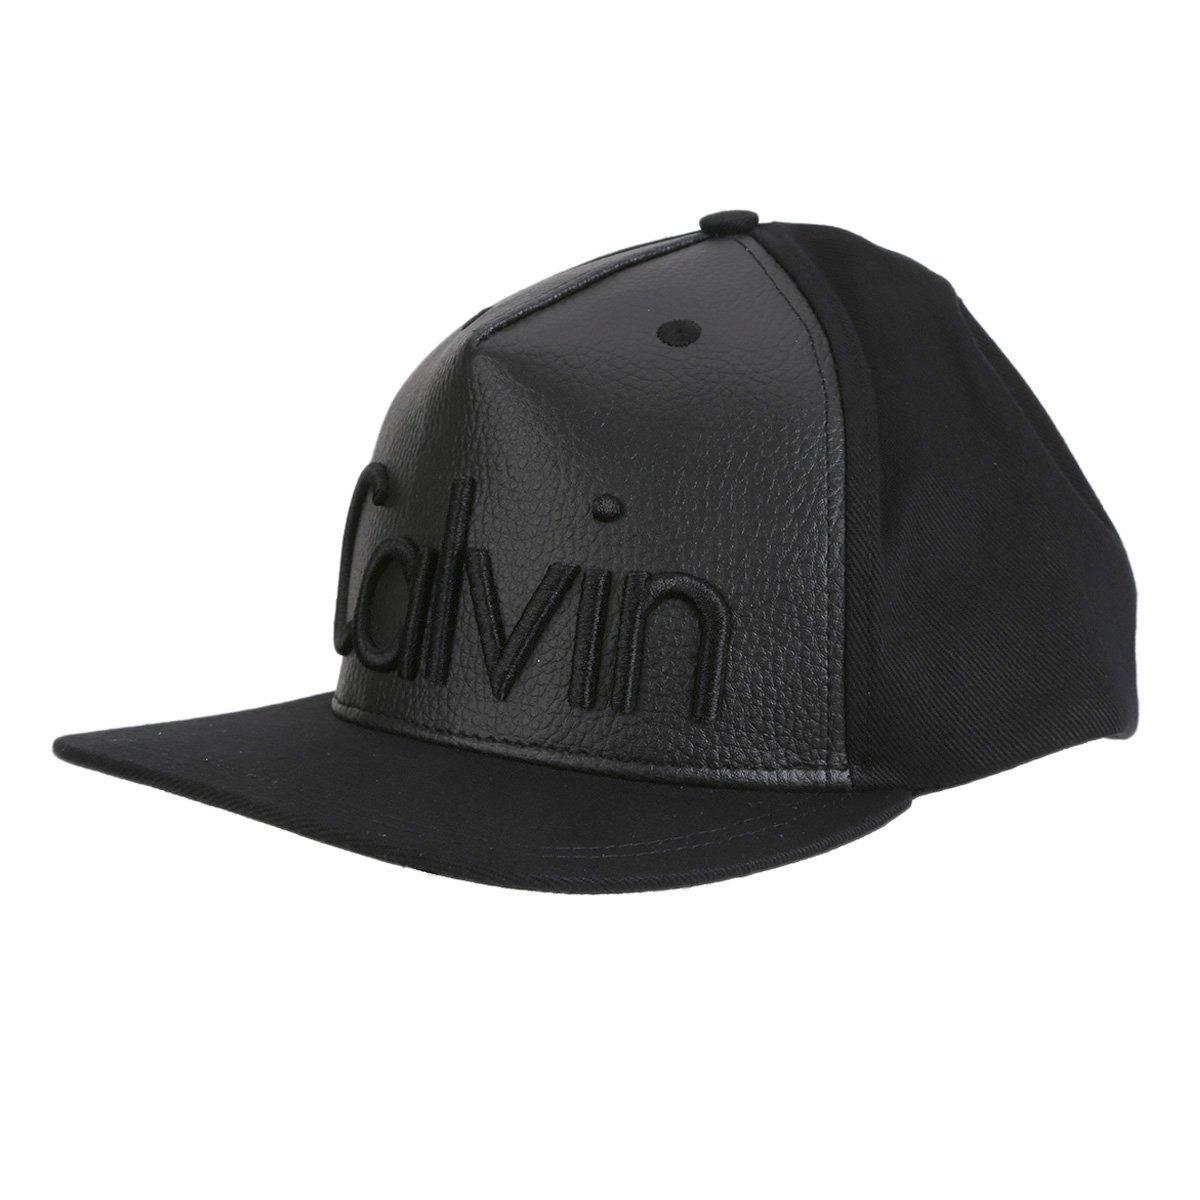 e303f594dded4 Boné Couro Calvin Klein Aba Reta Logo Masculino - Compre Agora   Zattini